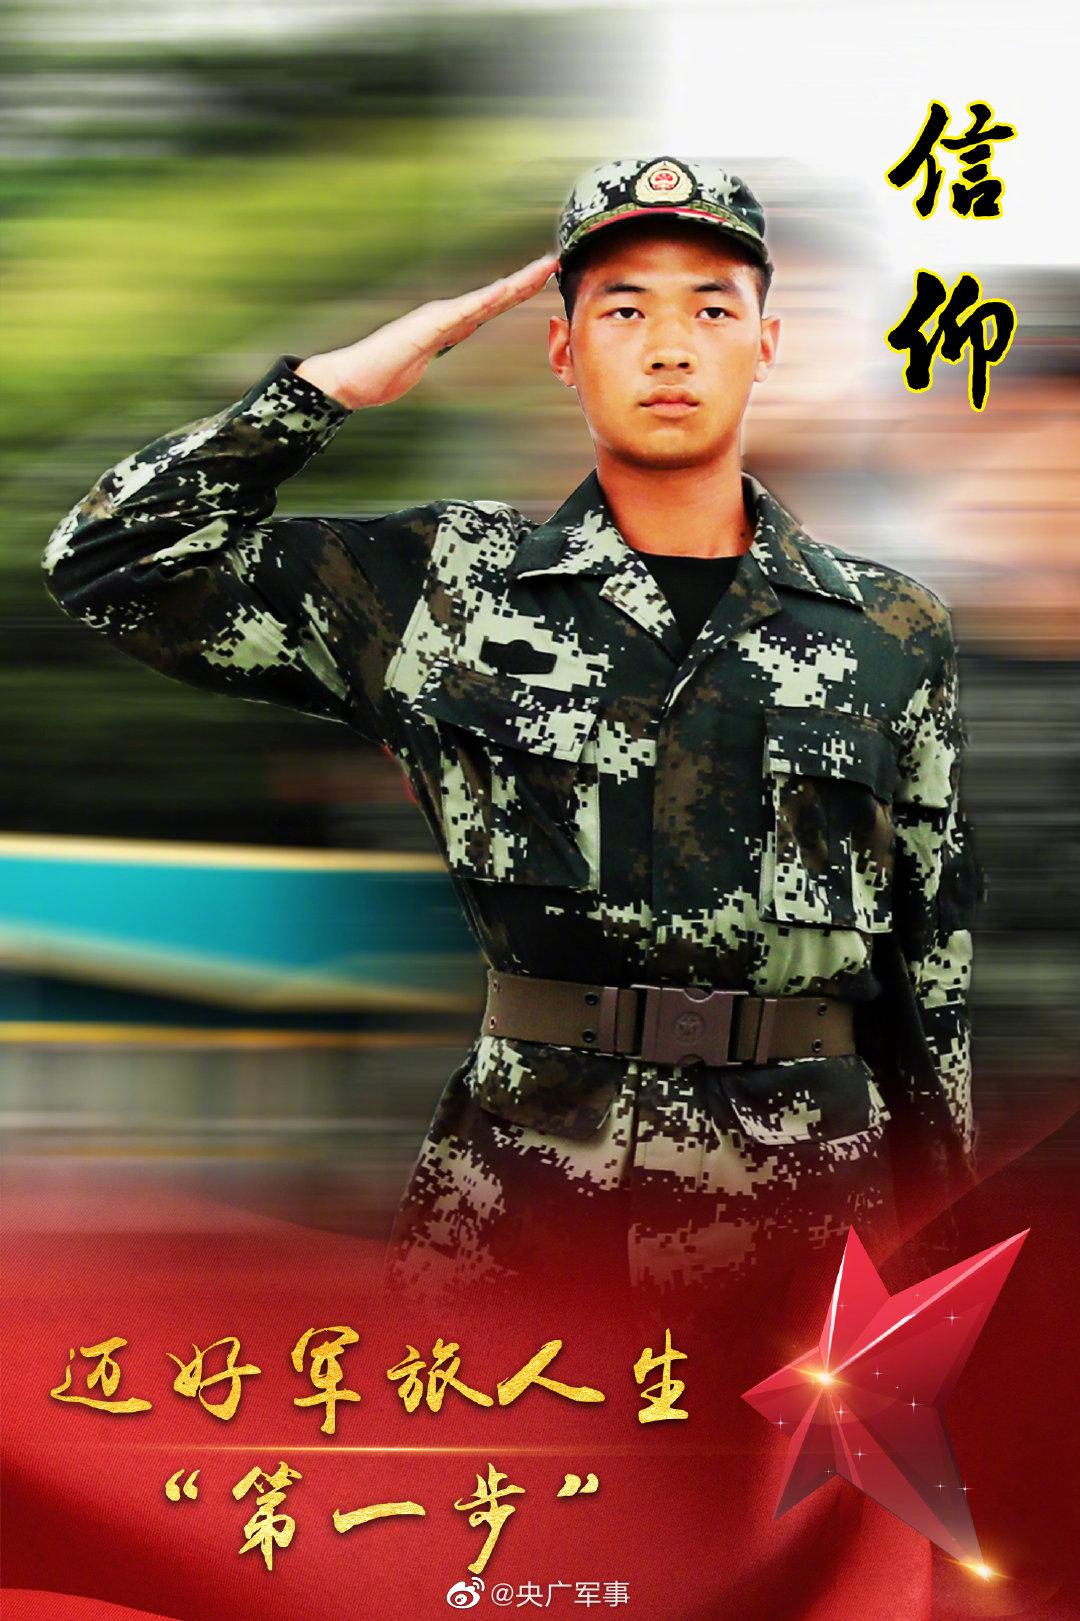 新兵入营:他们的青春从此有了穿军装的模样